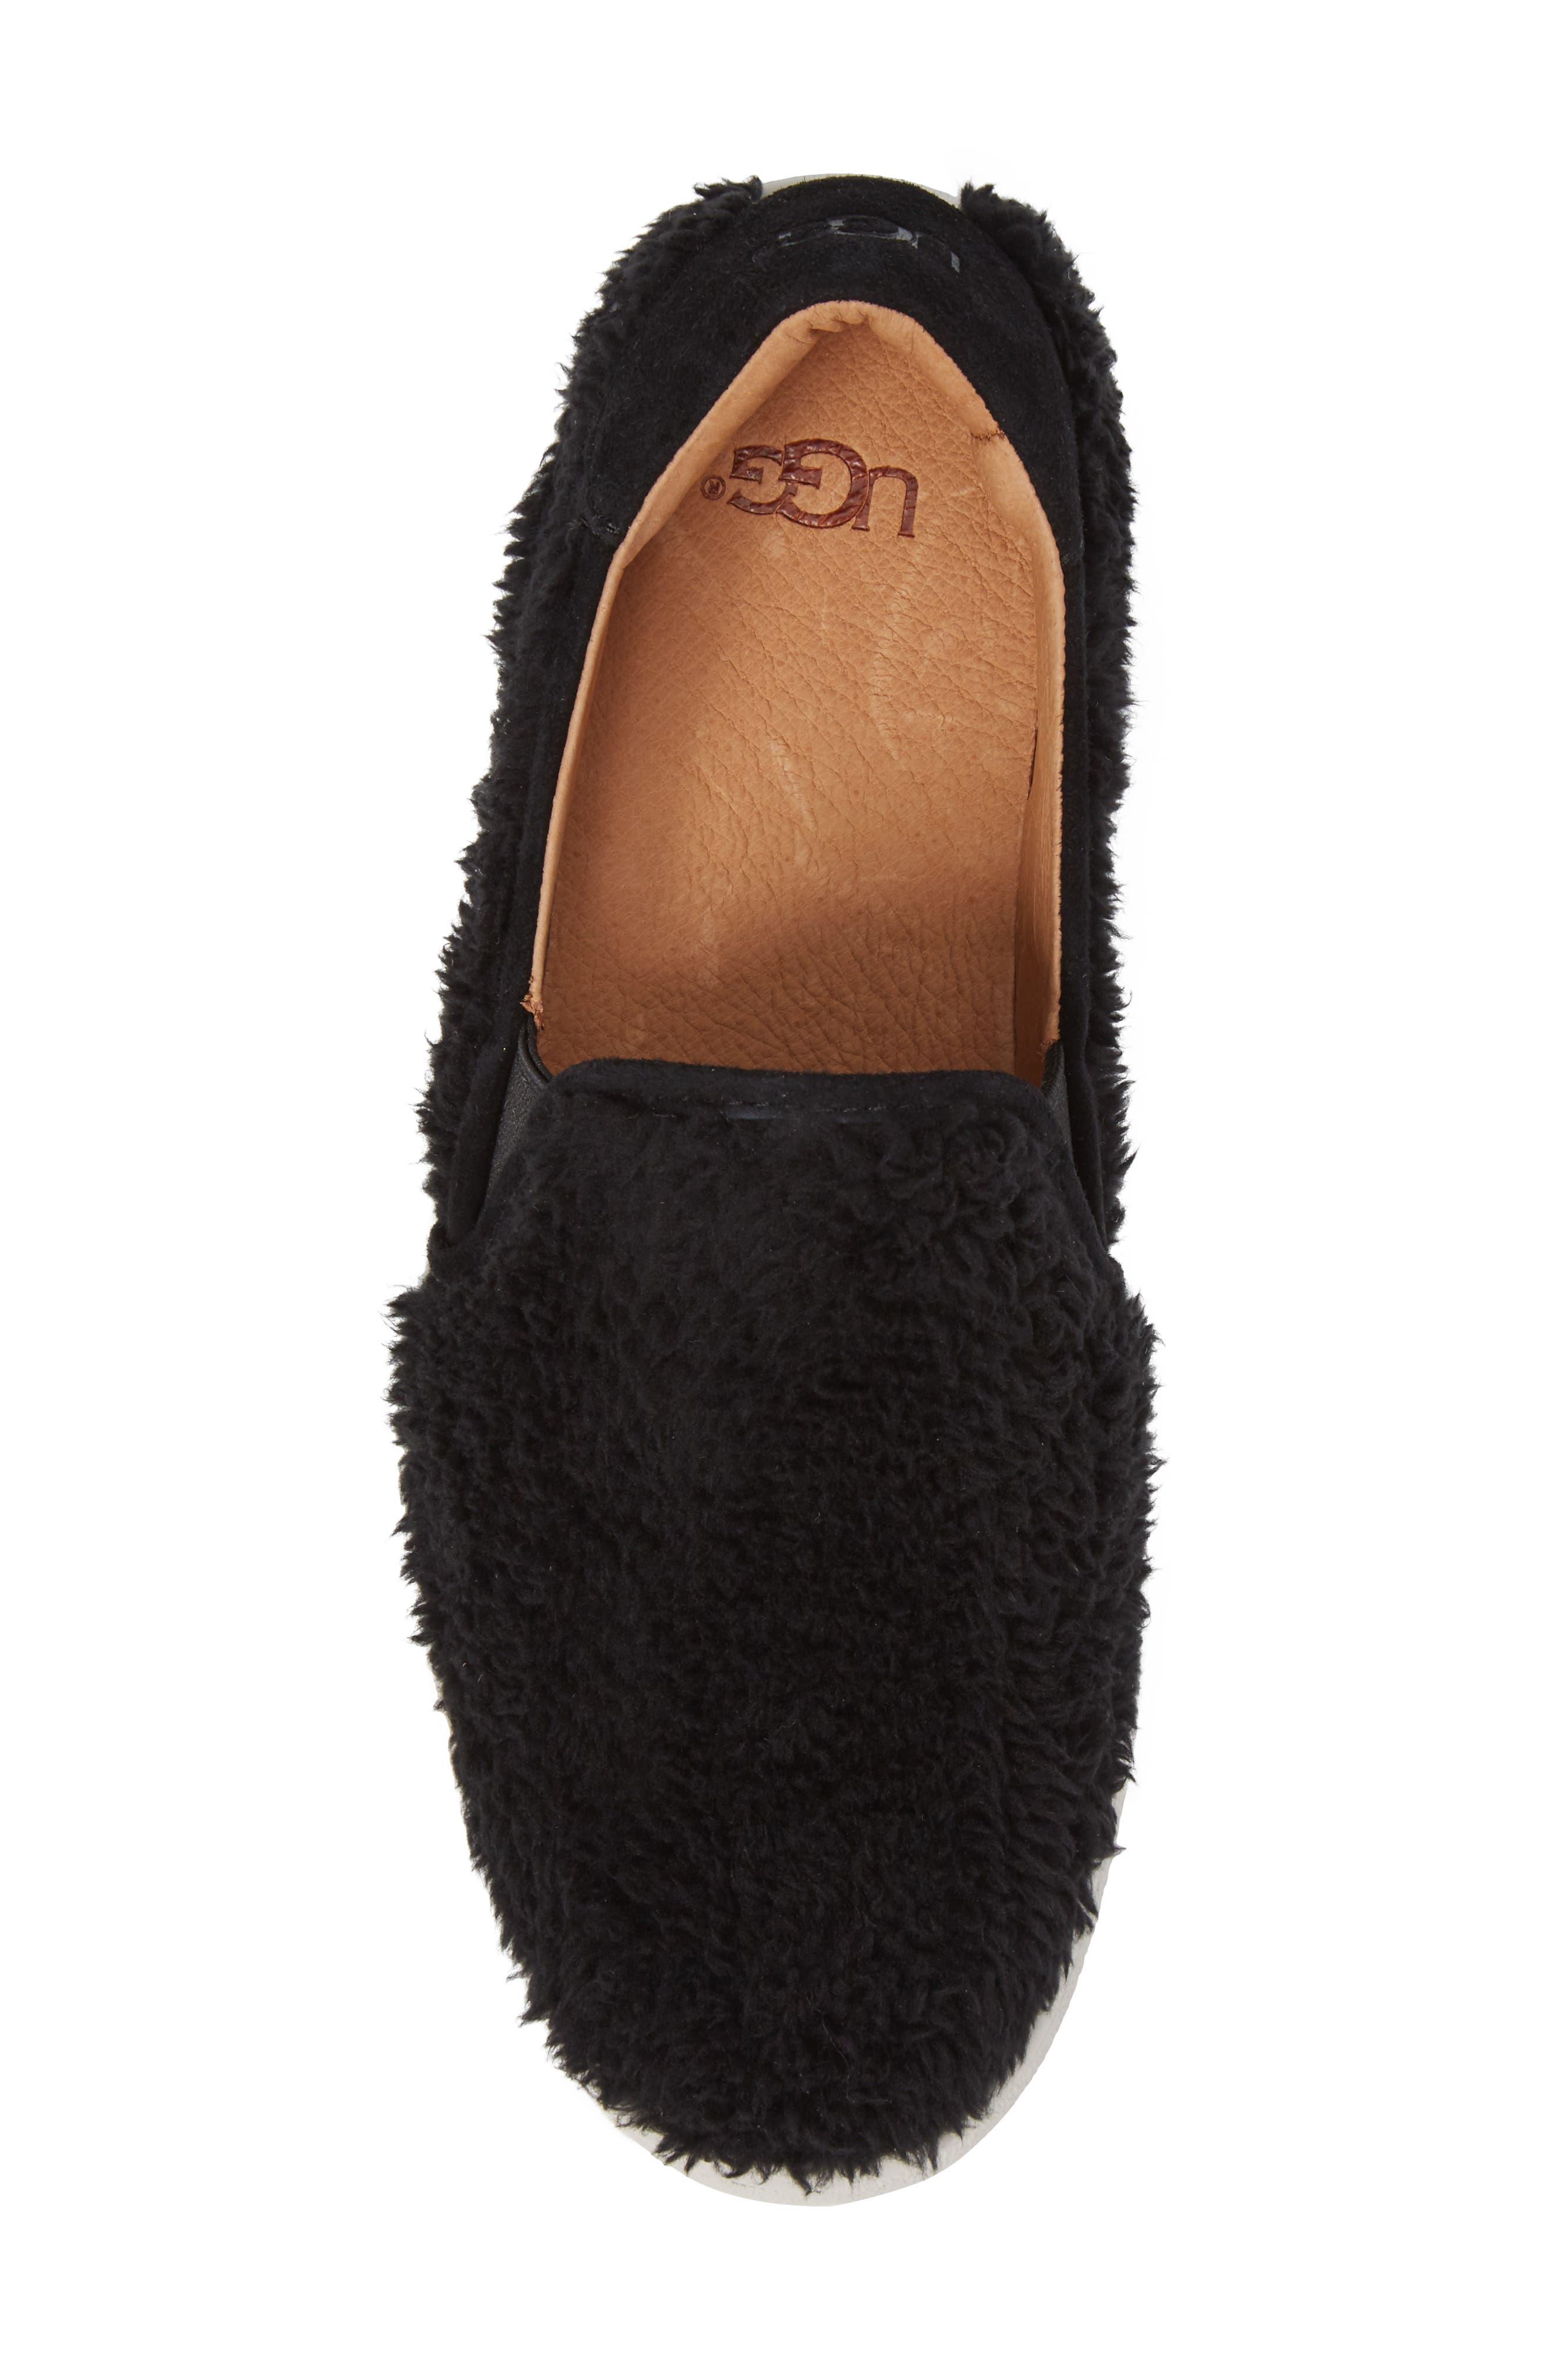 Ricci Plush Slip-On Sneaker,                             Alternate thumbnail 5, color,                             001